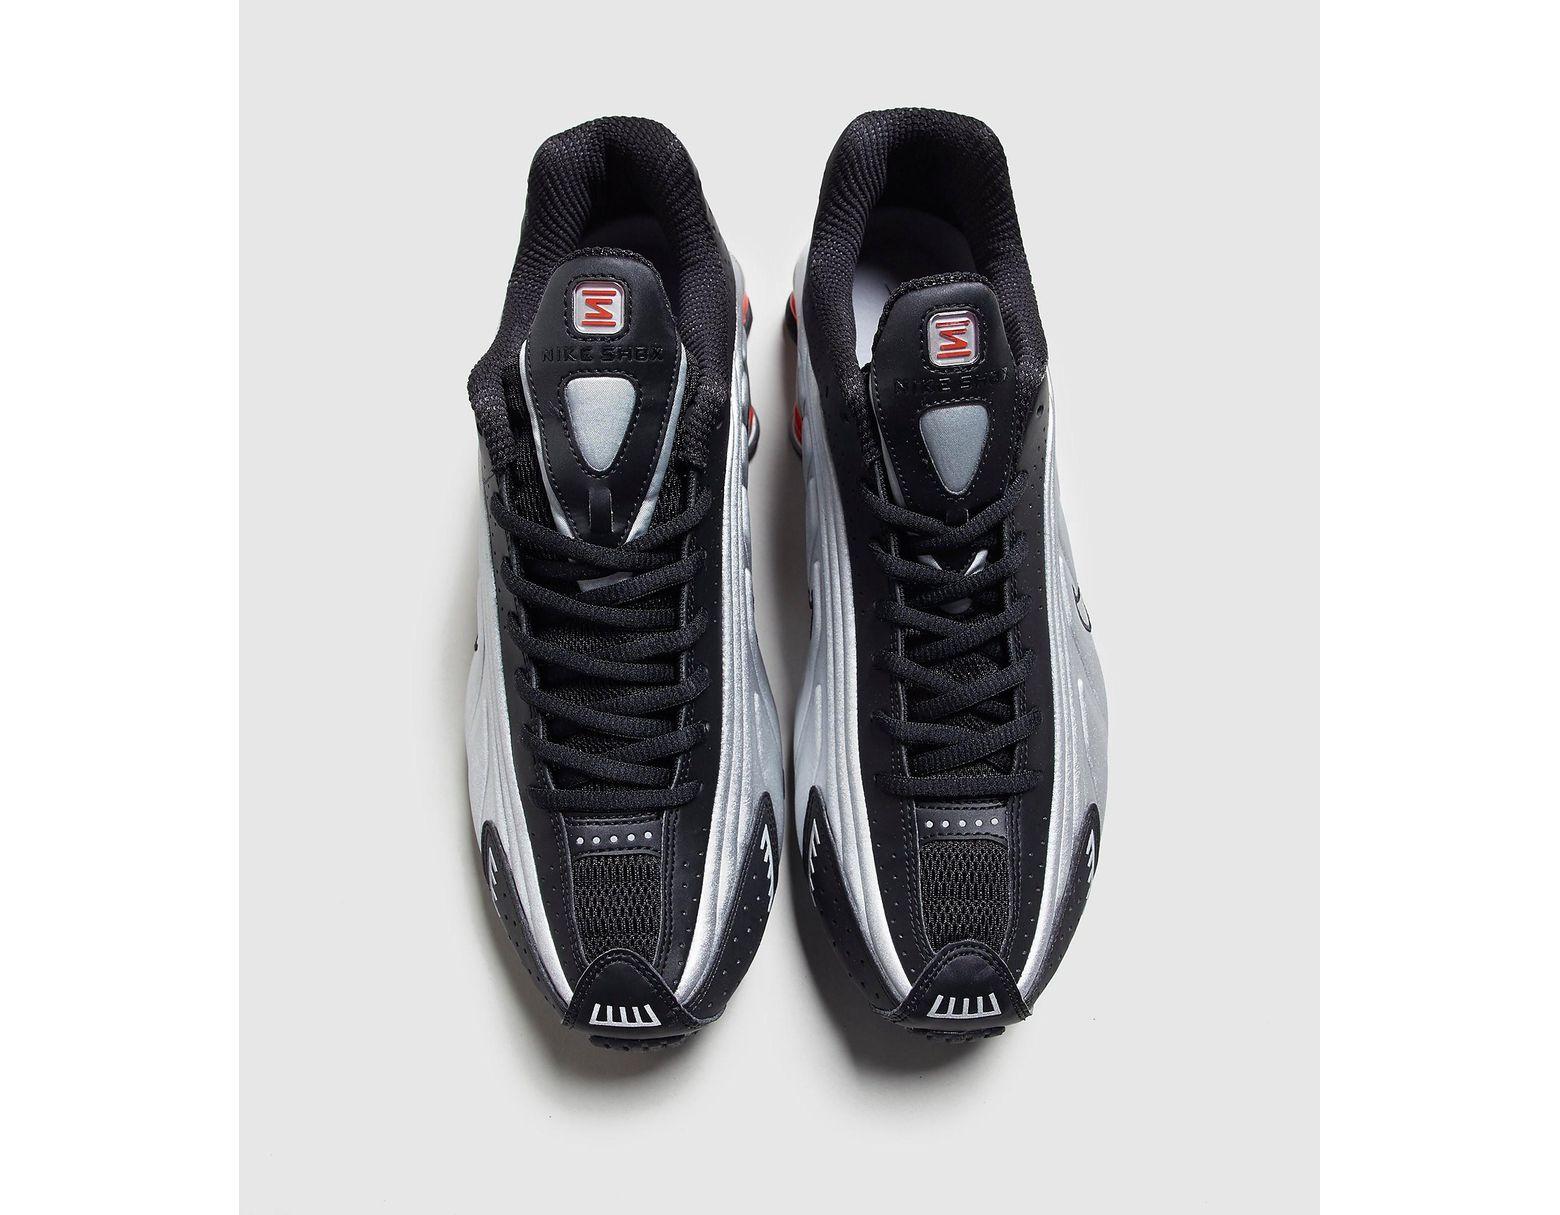 Shox En Métallisé Pour R4 Coloris Lyst Nike Homme nkXO80Pw